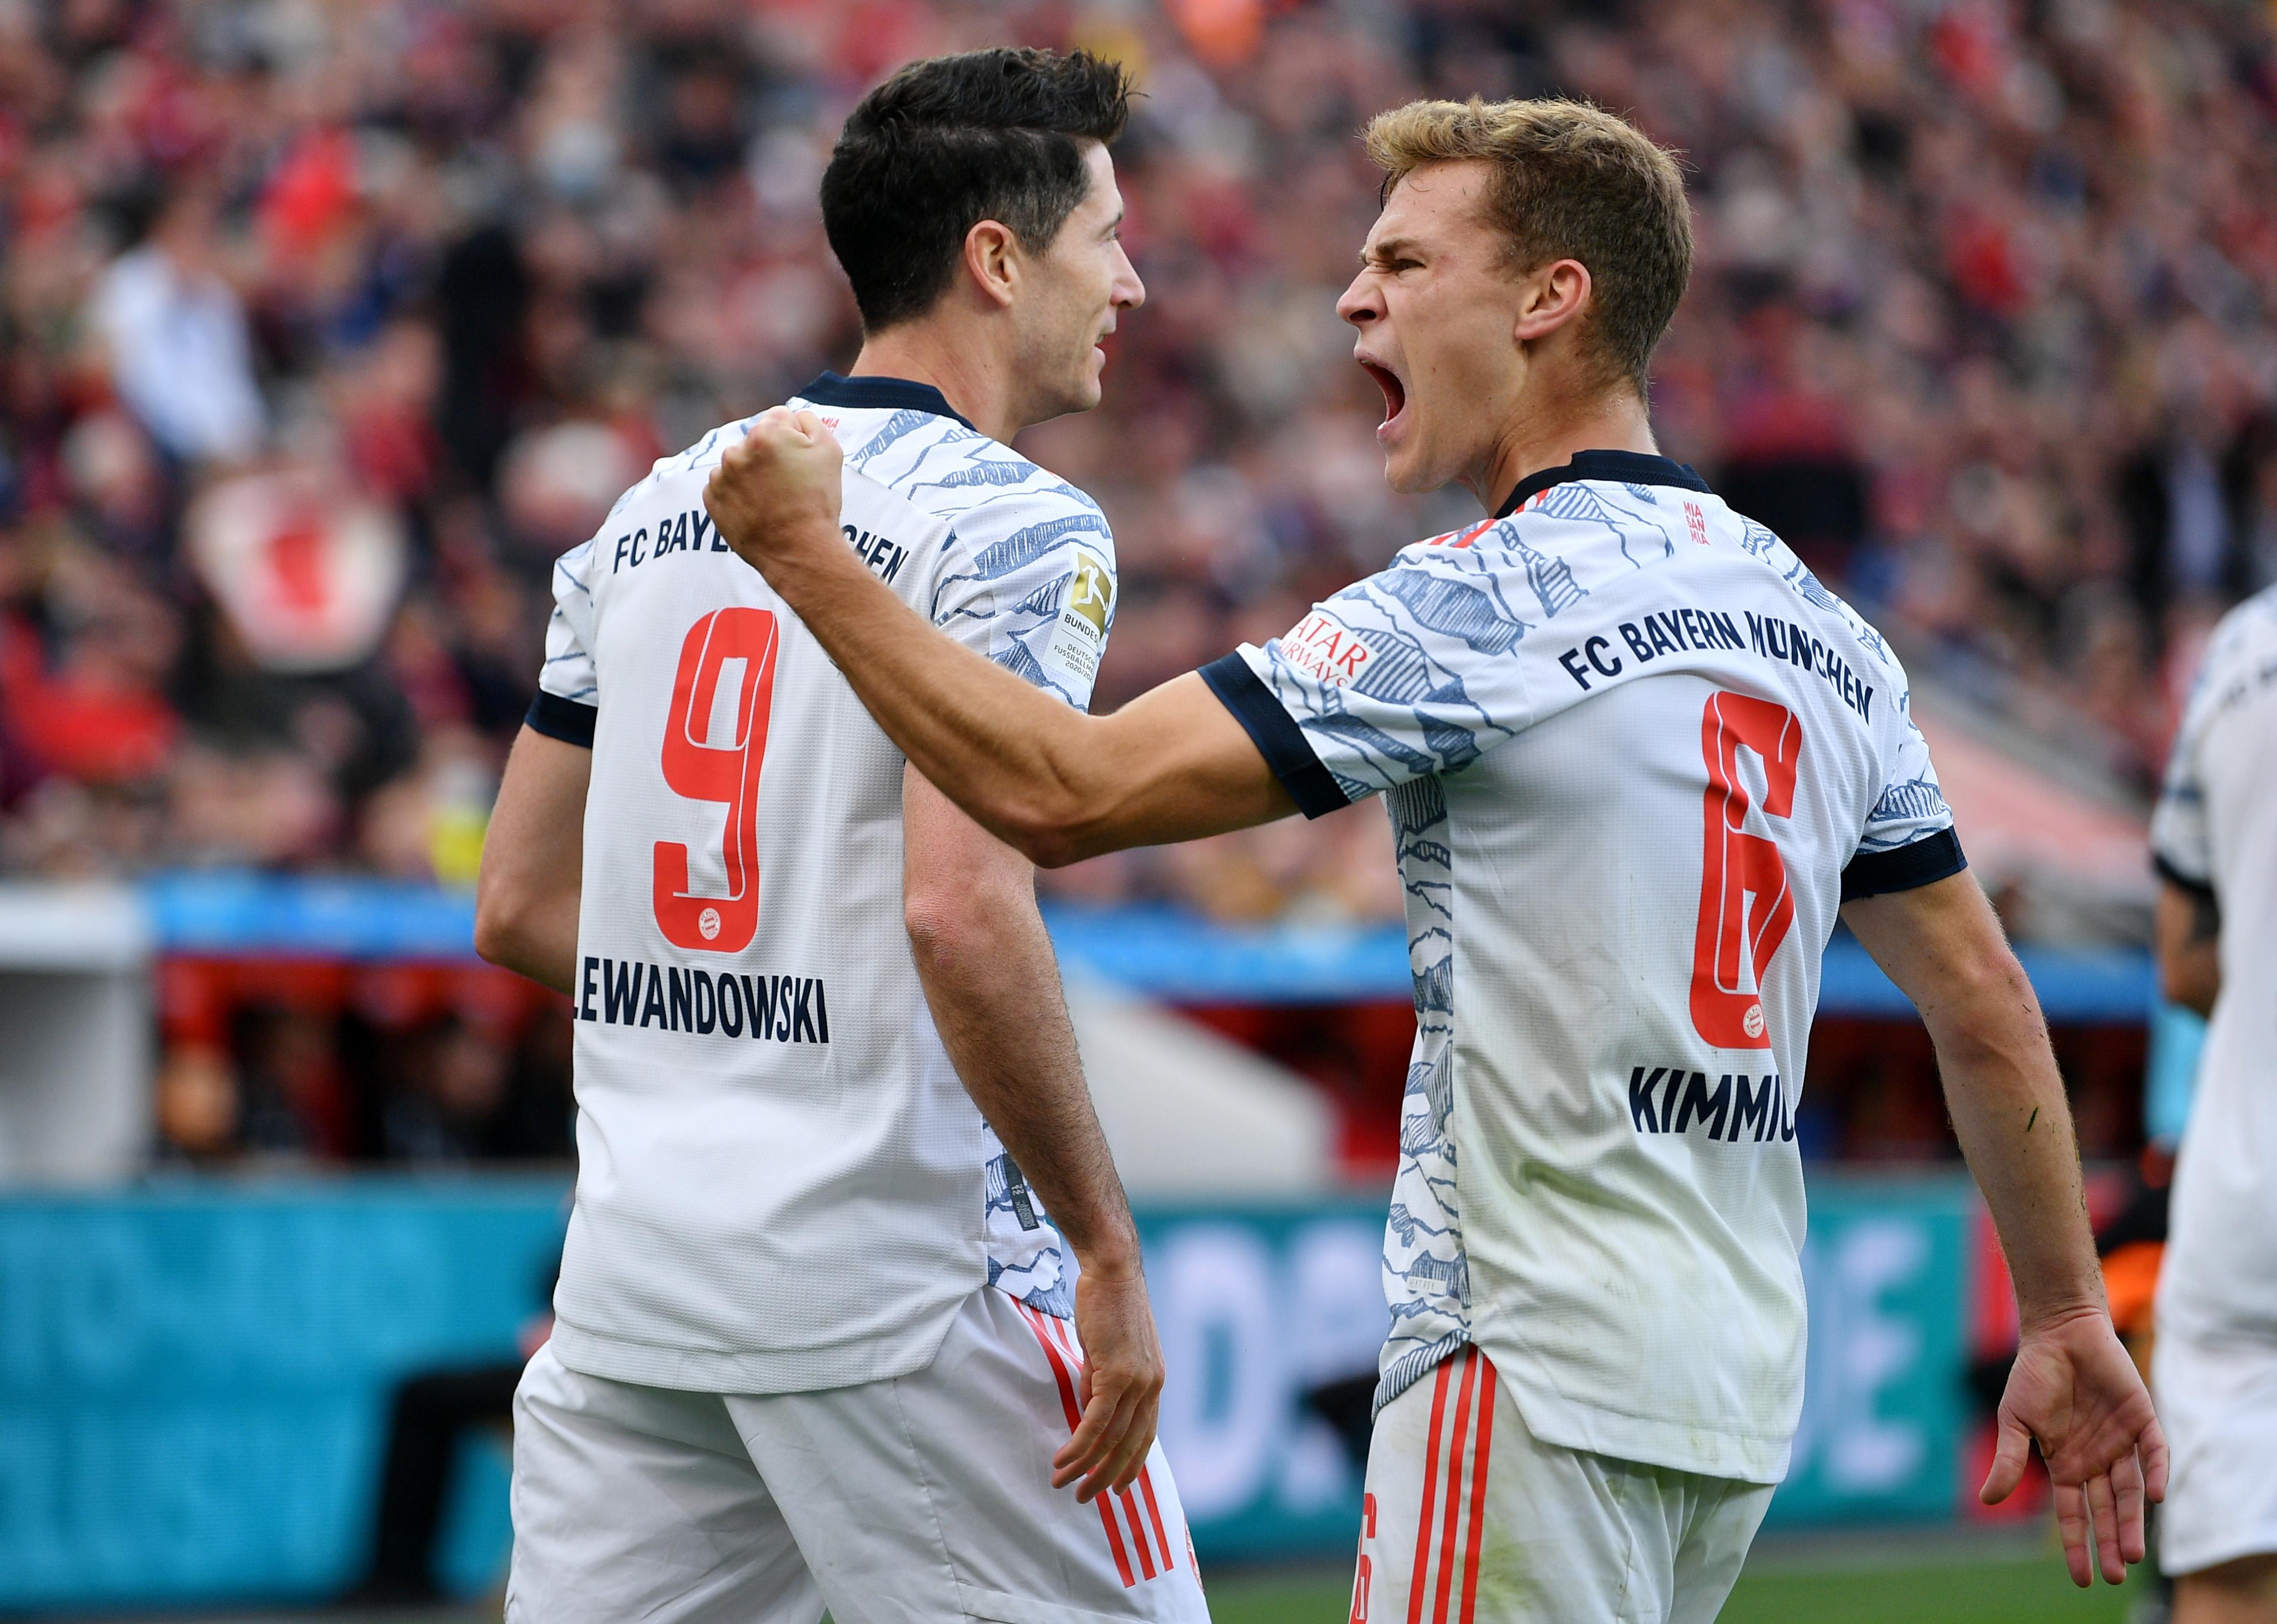 Bayer 04 Leverkusen v FC Bayern München - Bundesliga